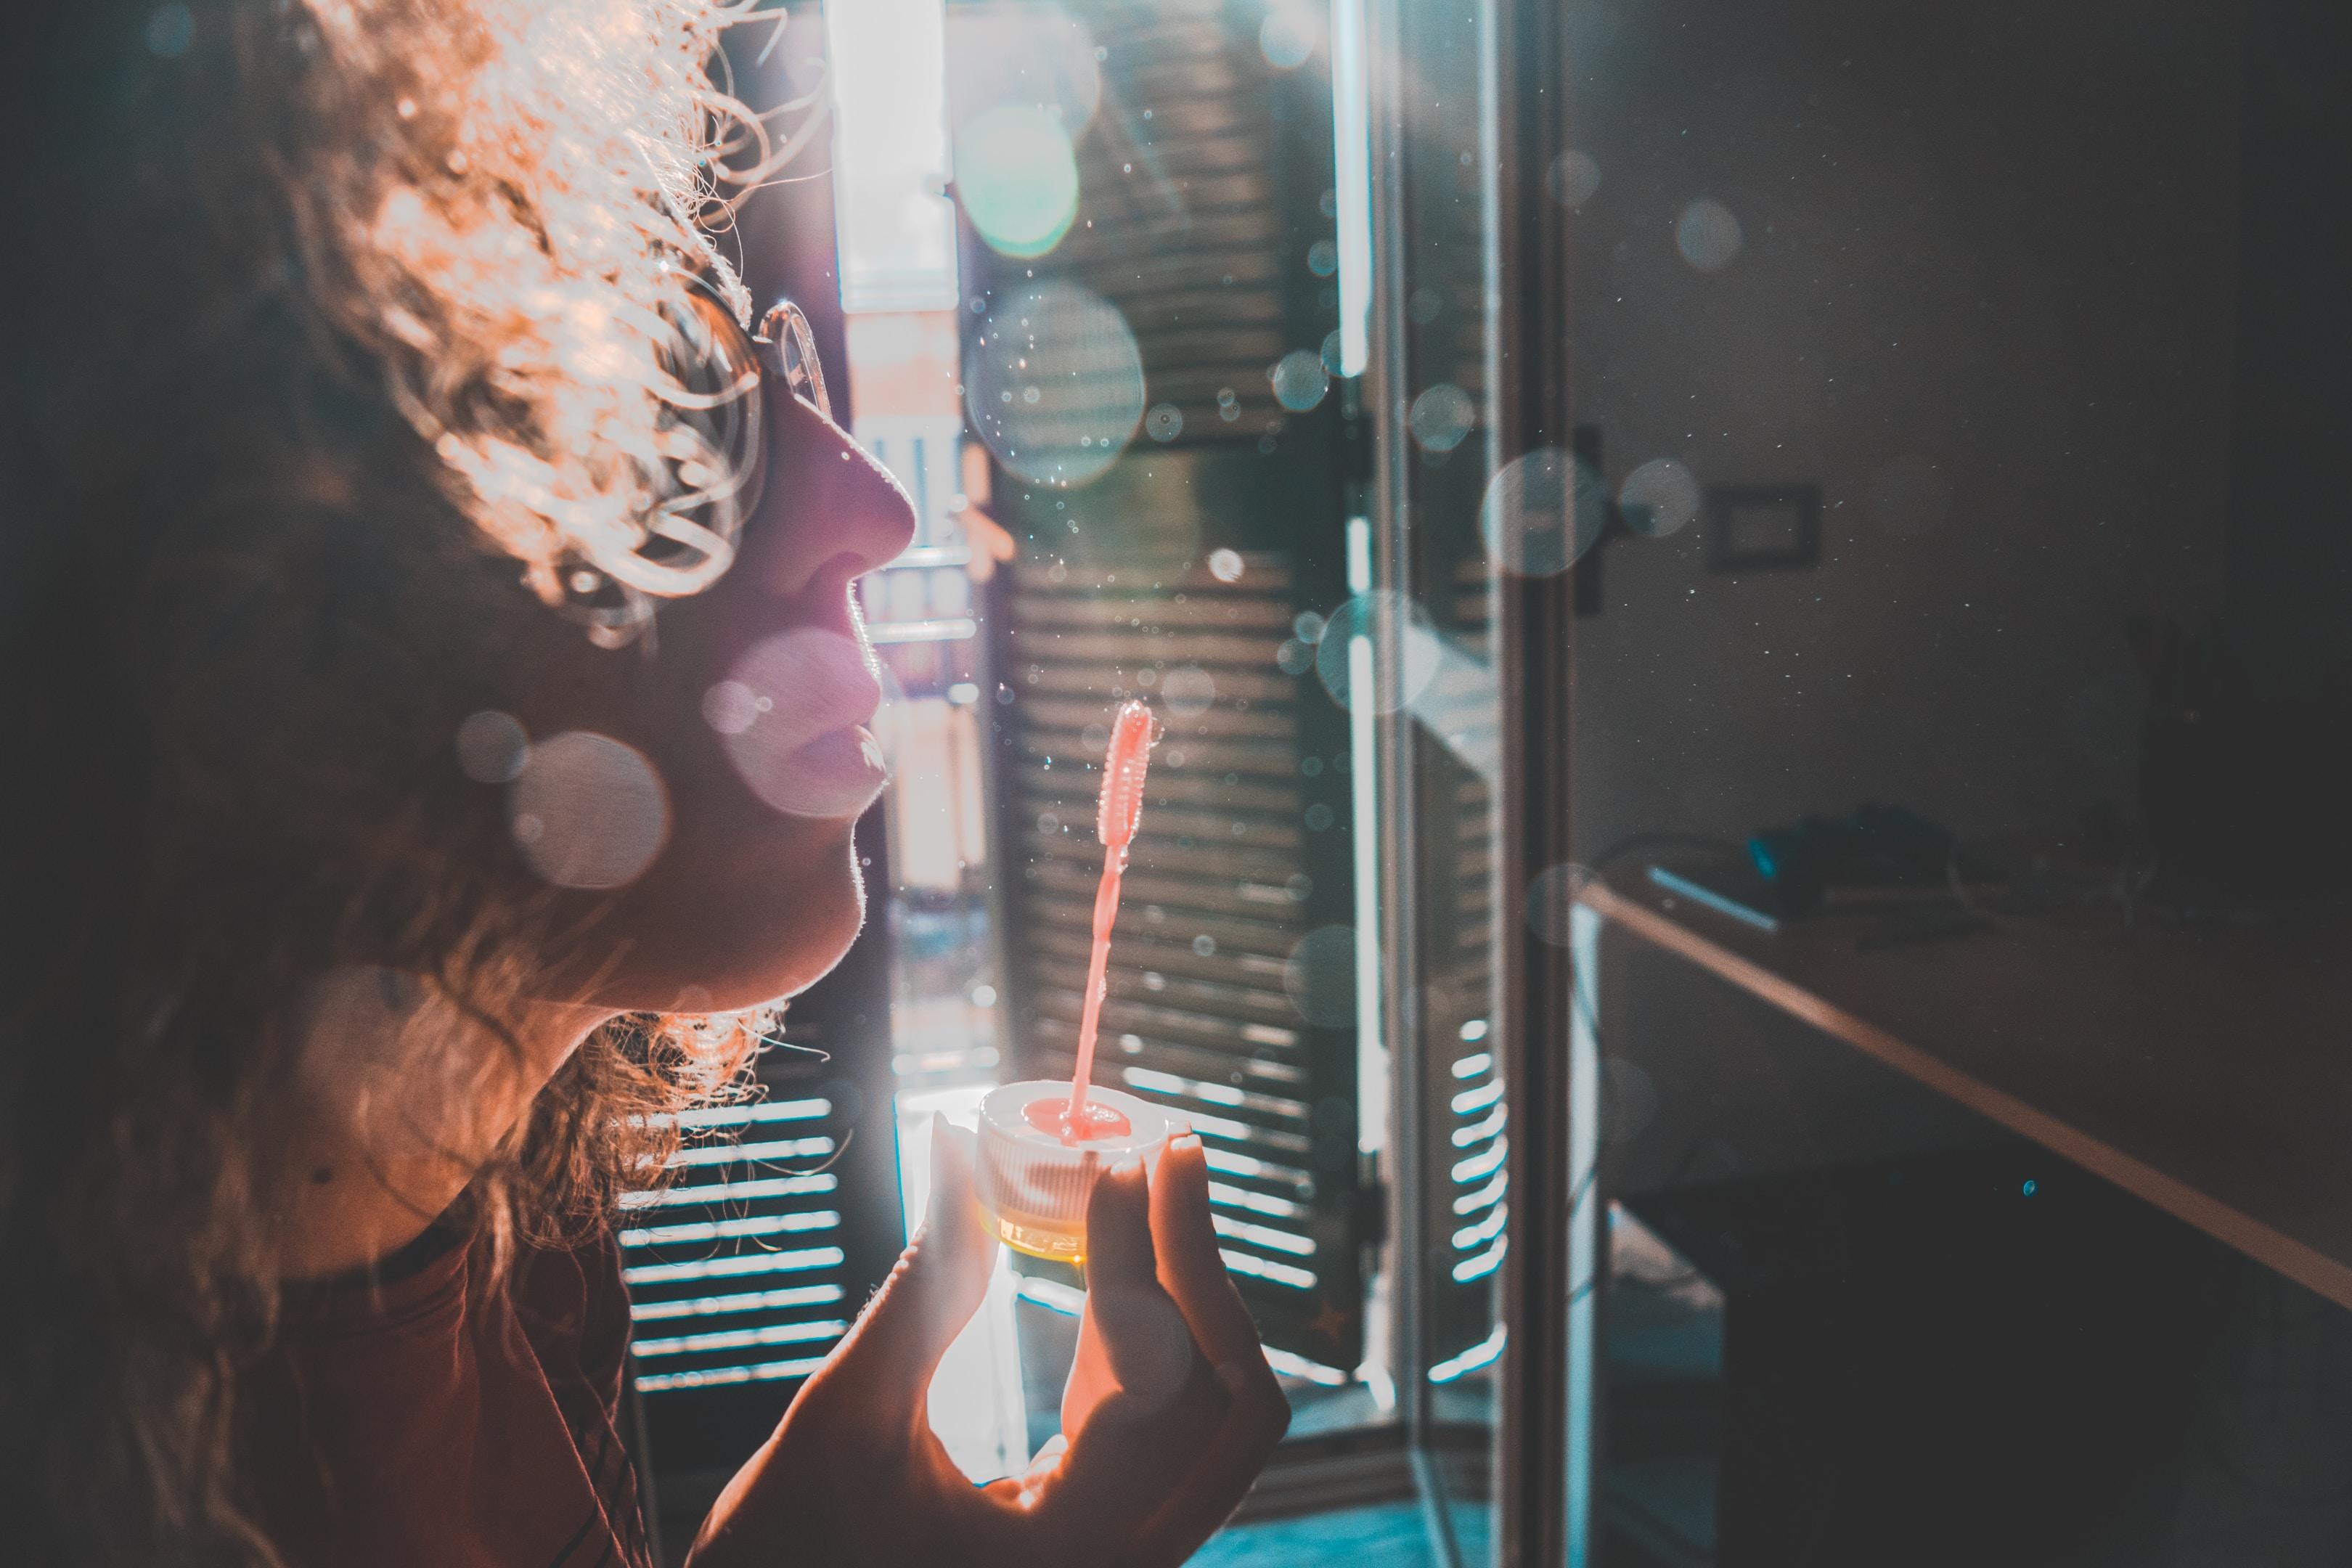 woman making bubble